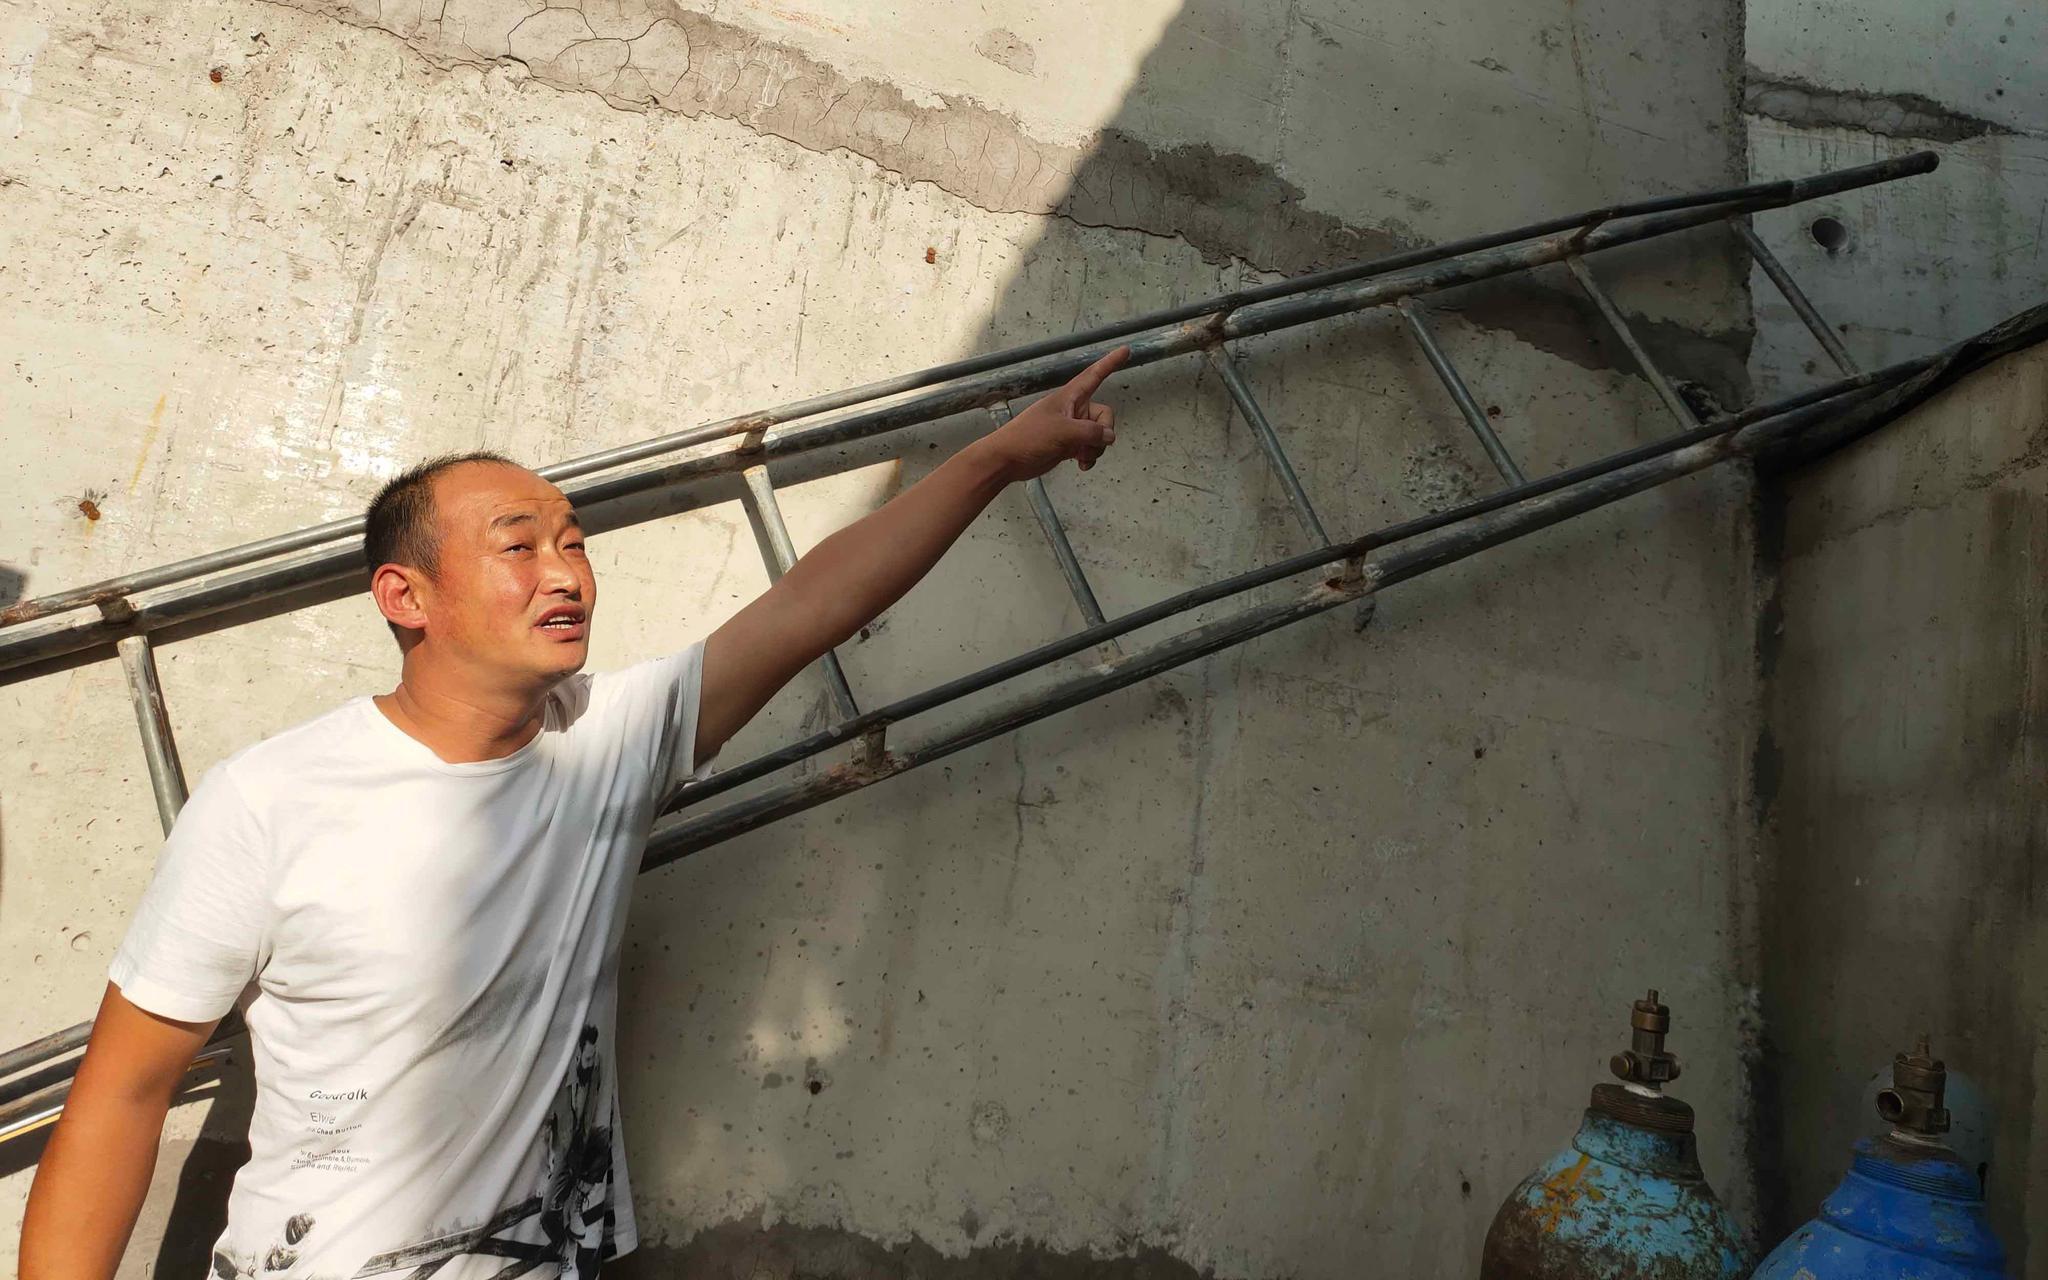 「傲世皇朝开户」点半大雨赴约北京山区傲世皇朝开户群图片